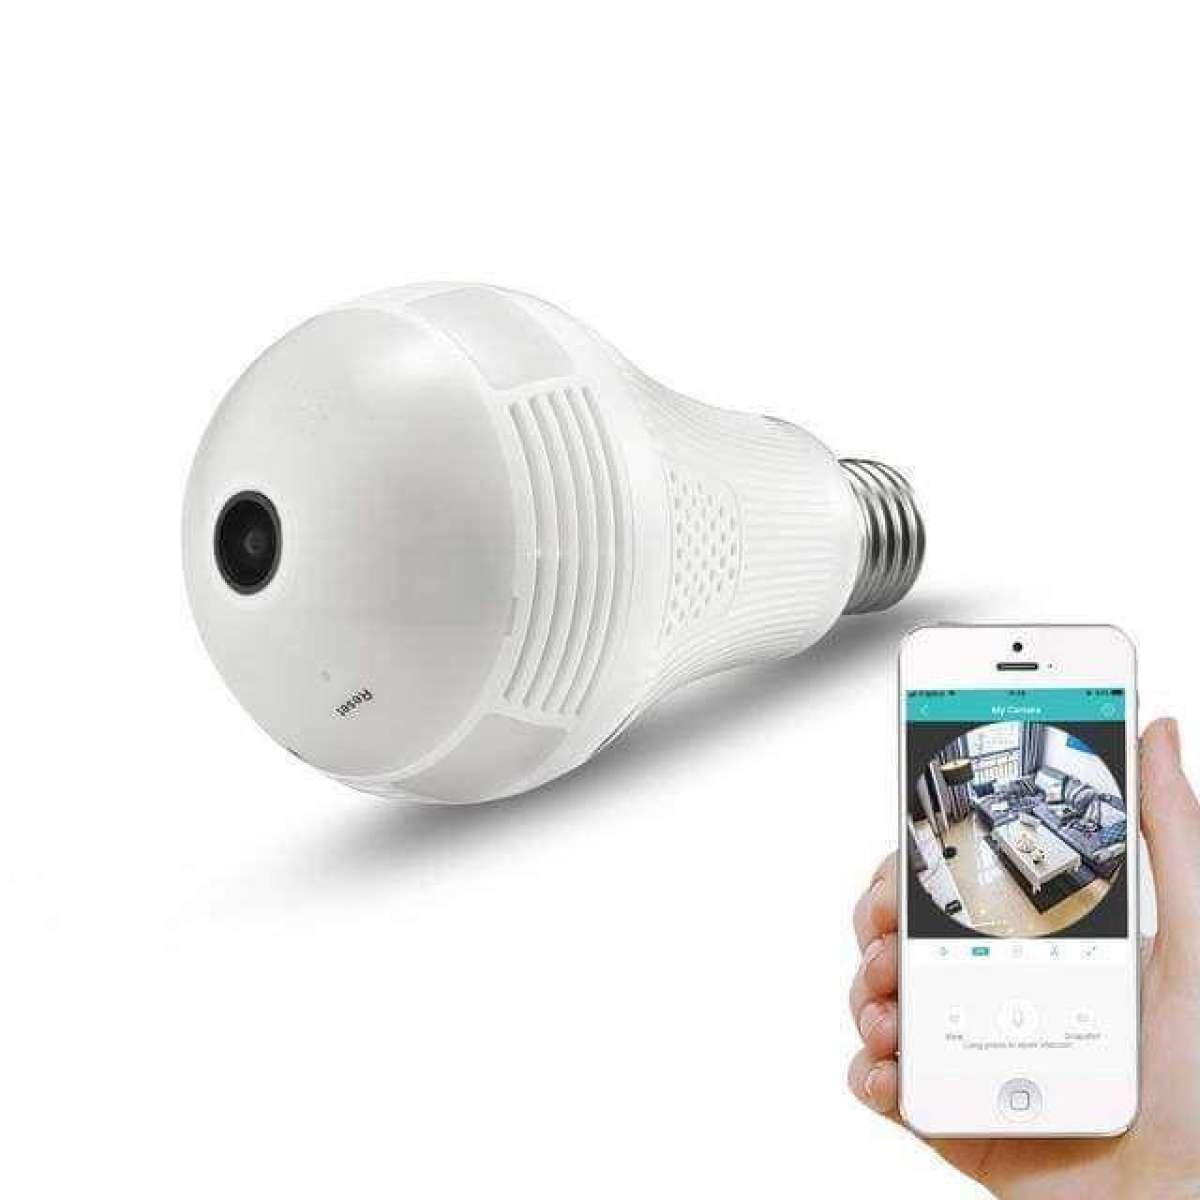 Hình ảnh Camera Nguỵ Trang Bóng Đèn Quay 360 Độ TP Hà Nội Hồ Chí Minh Máy quay lén ngụy trang bóng đèn